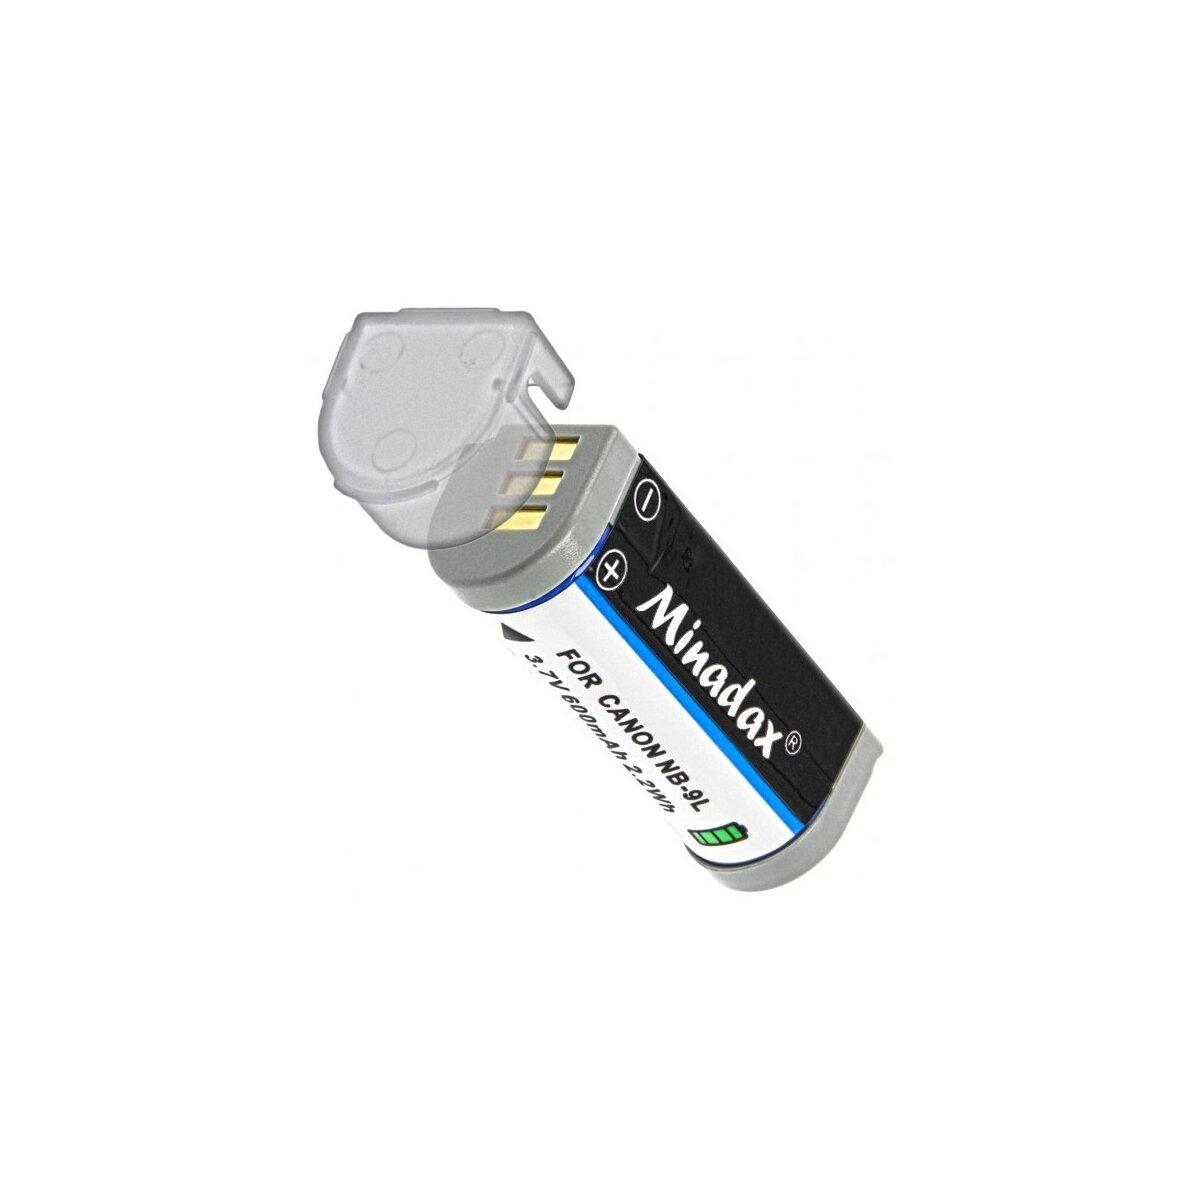 Minadax® Qualitätsakku mit echten 600 mAh kompatibel mit Canon IXUS 500 HS, 510 HS, 1000 HS, 1100 HS, Ersatz für NB-9L - Intelligentes Akkusystem mit Chip